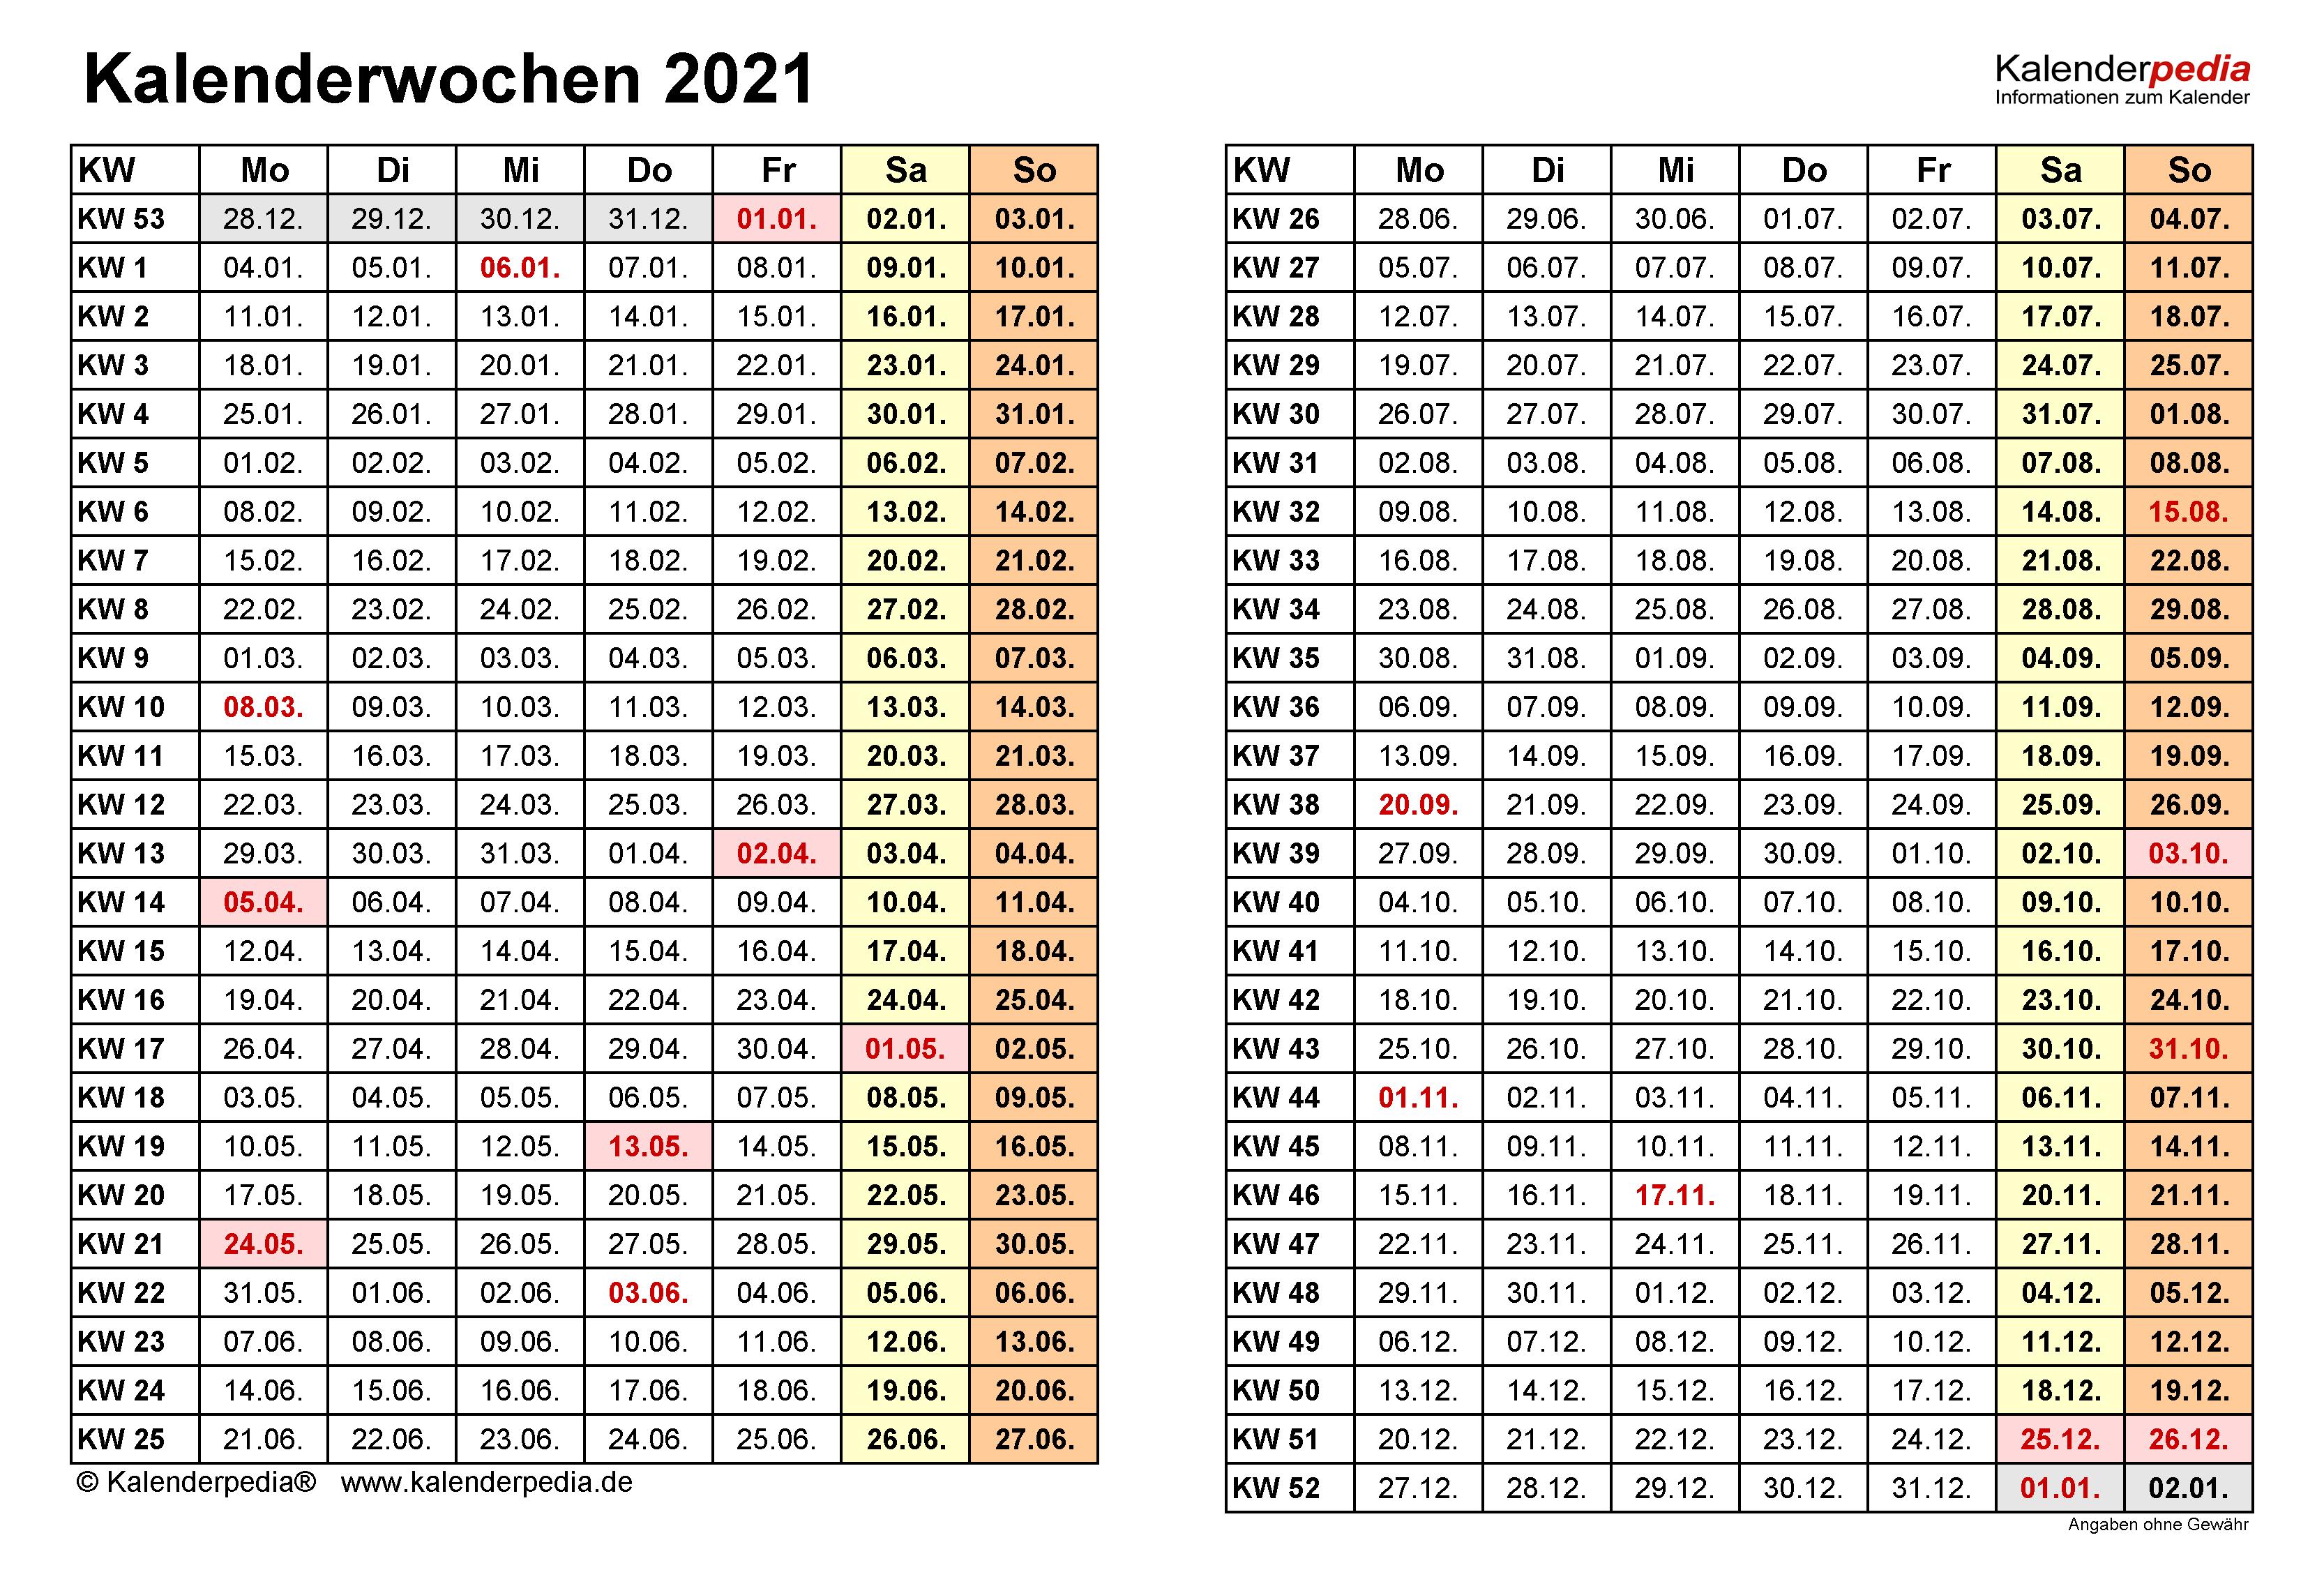 Kalenderwoche 33 2021